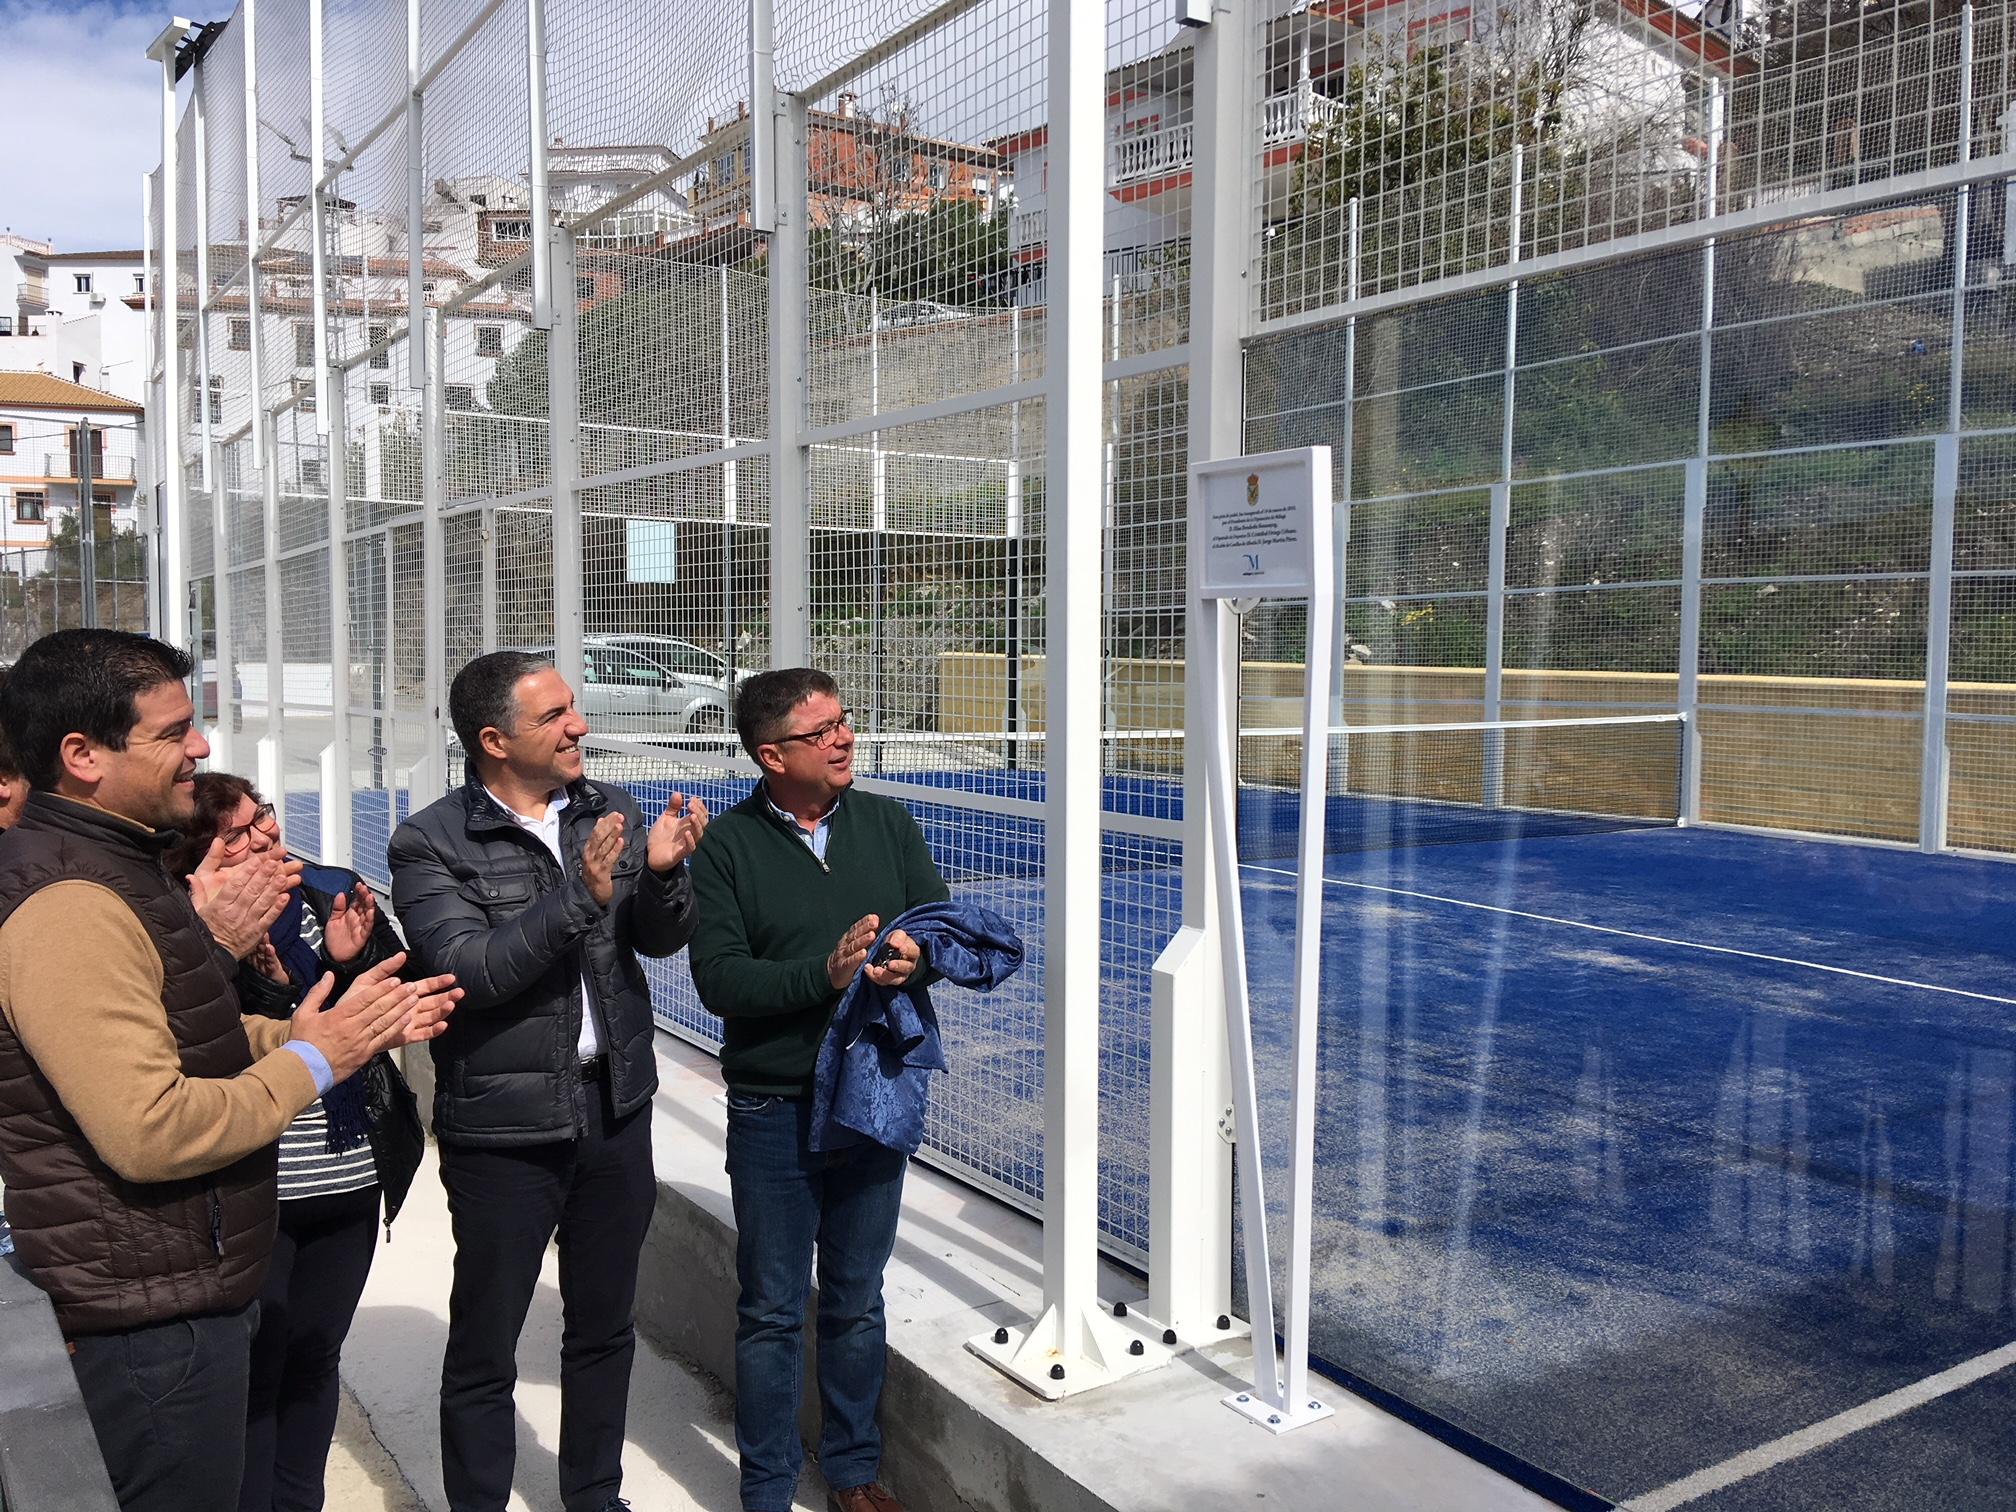 El presidente de la diputaci n inaugura la pista de p del for Pistas de padel malaga